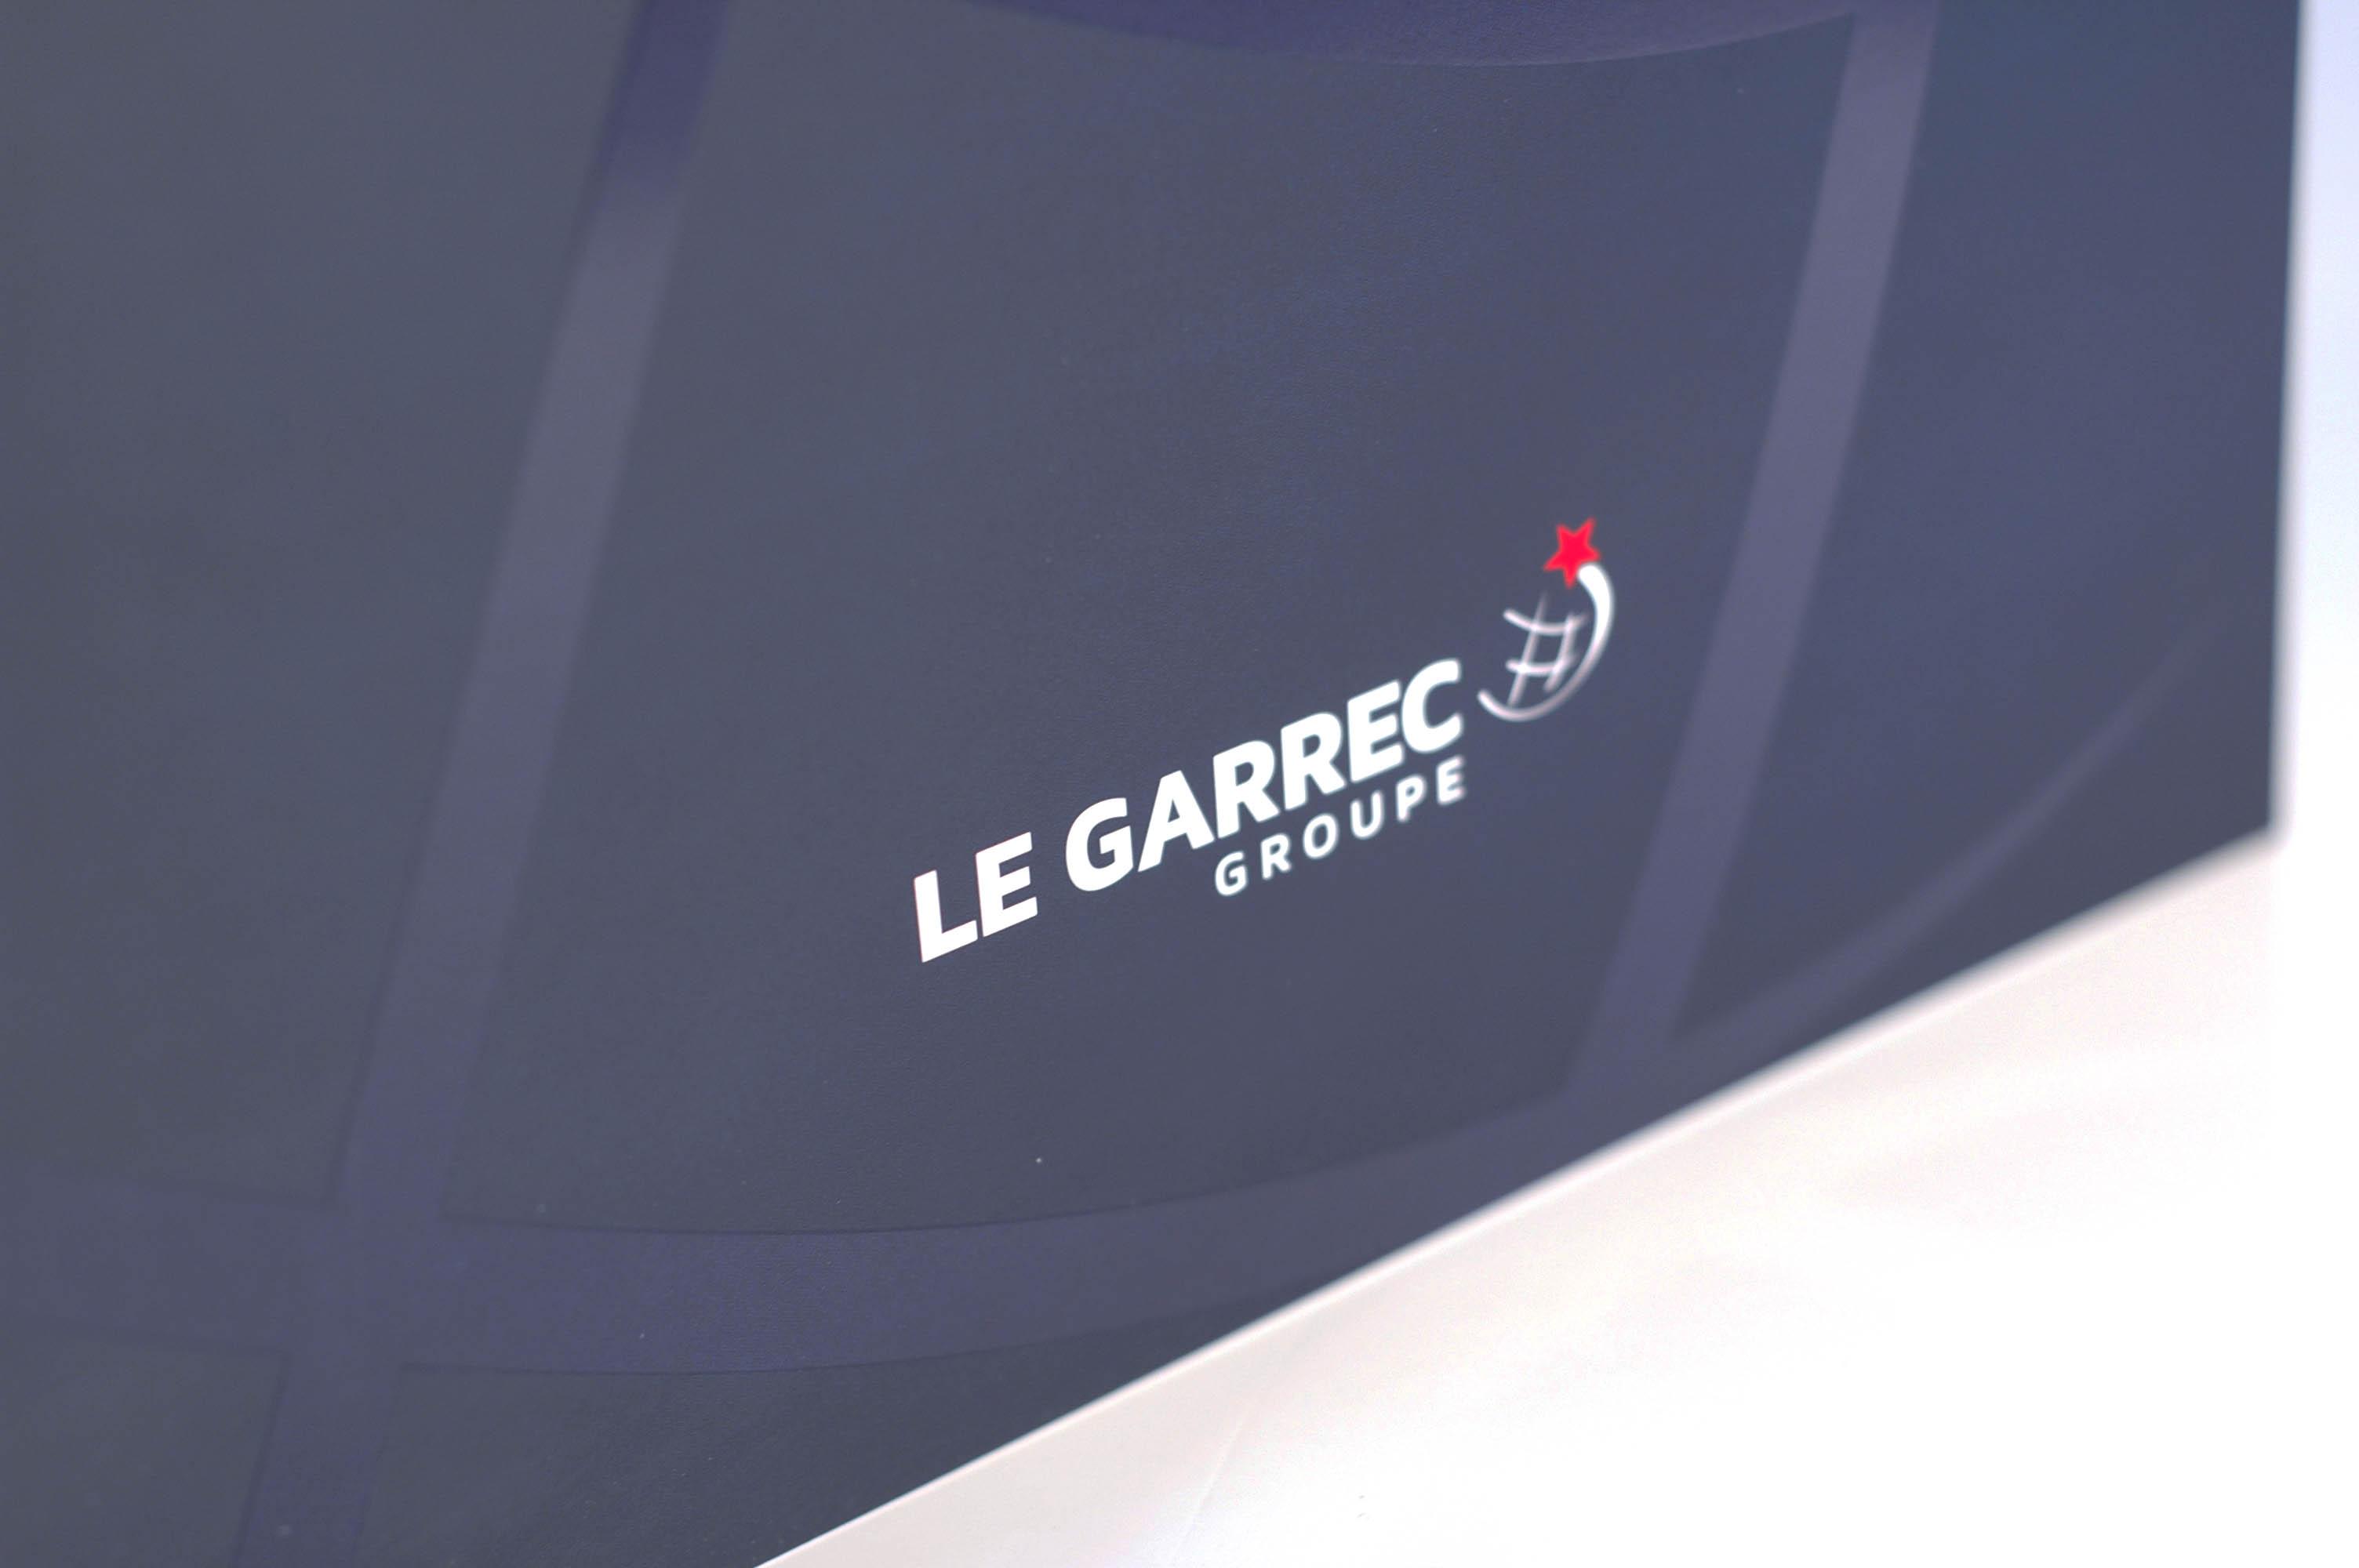 GROUPE LE GARREC - Création de logo et plaquette